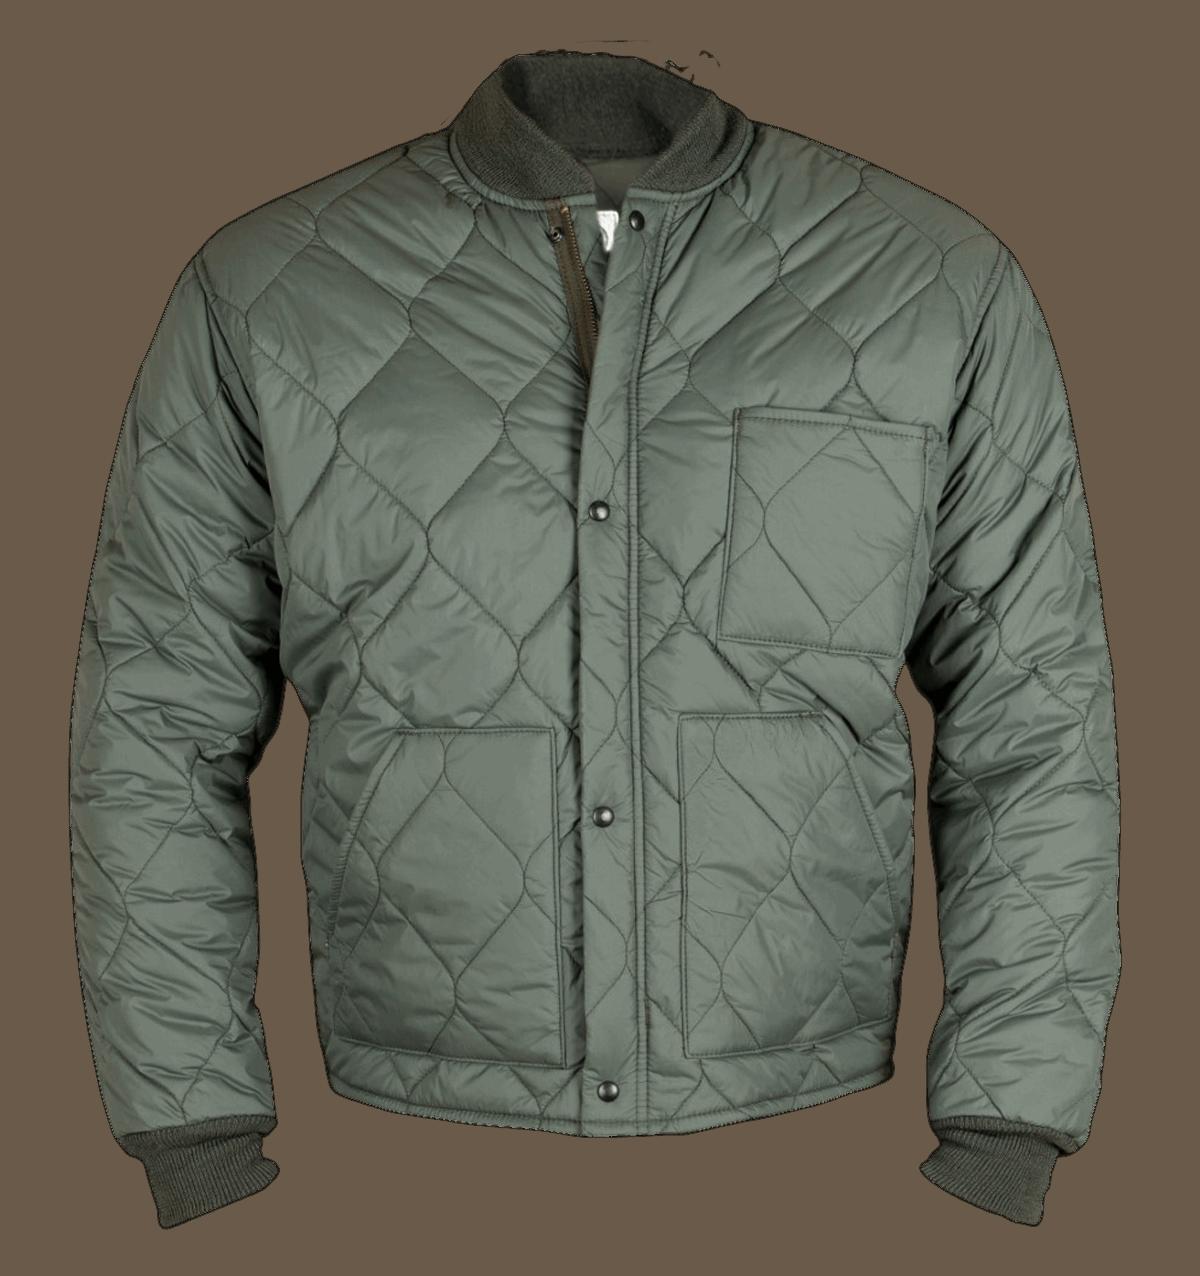 Pike Brothers 1965 CWU Jacket